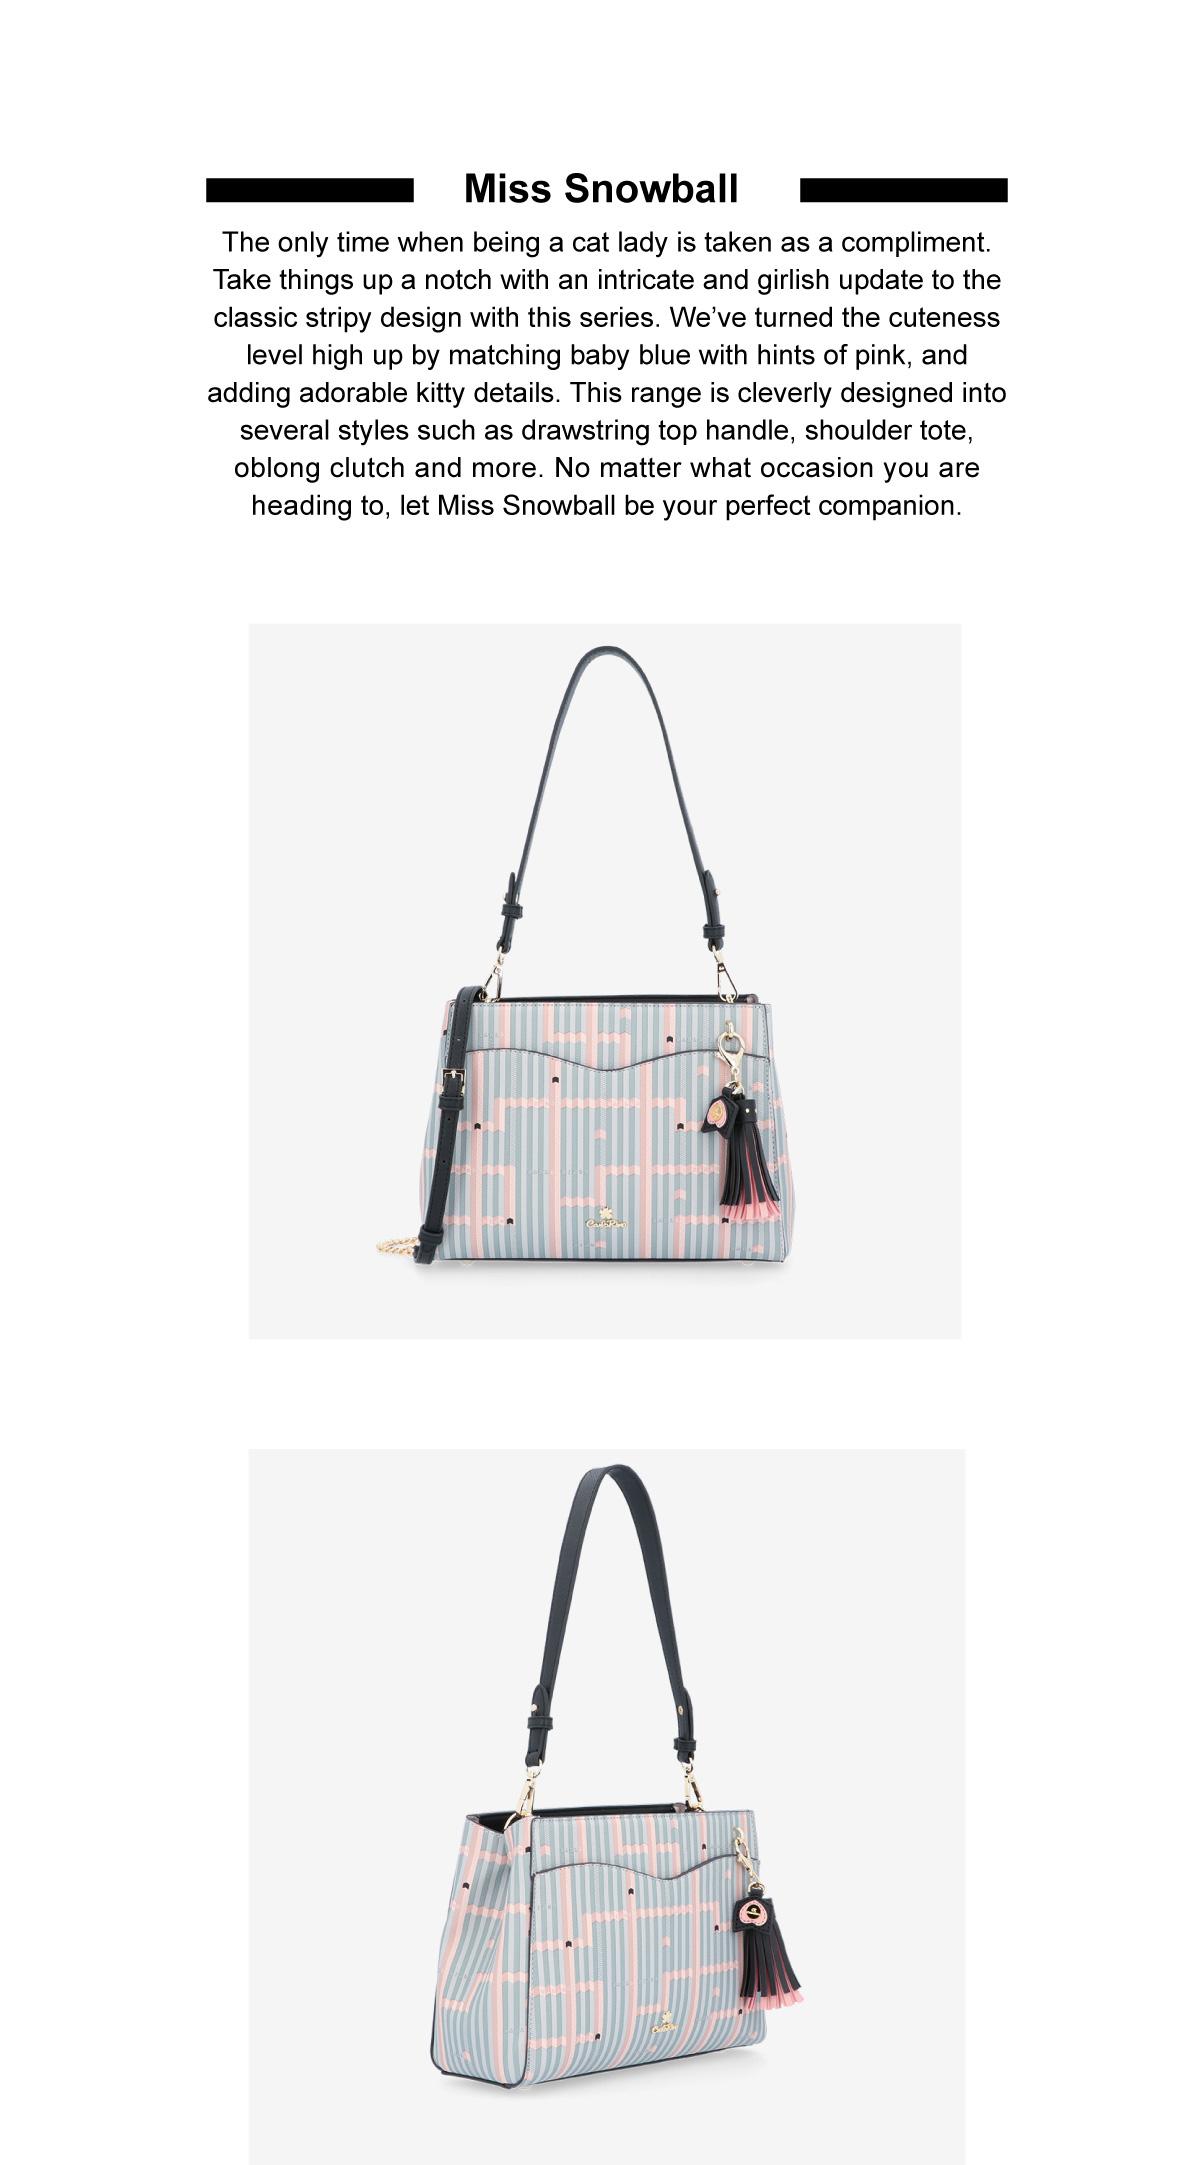 0305028J 004 02 - Miss Snowball Shoulder Bag